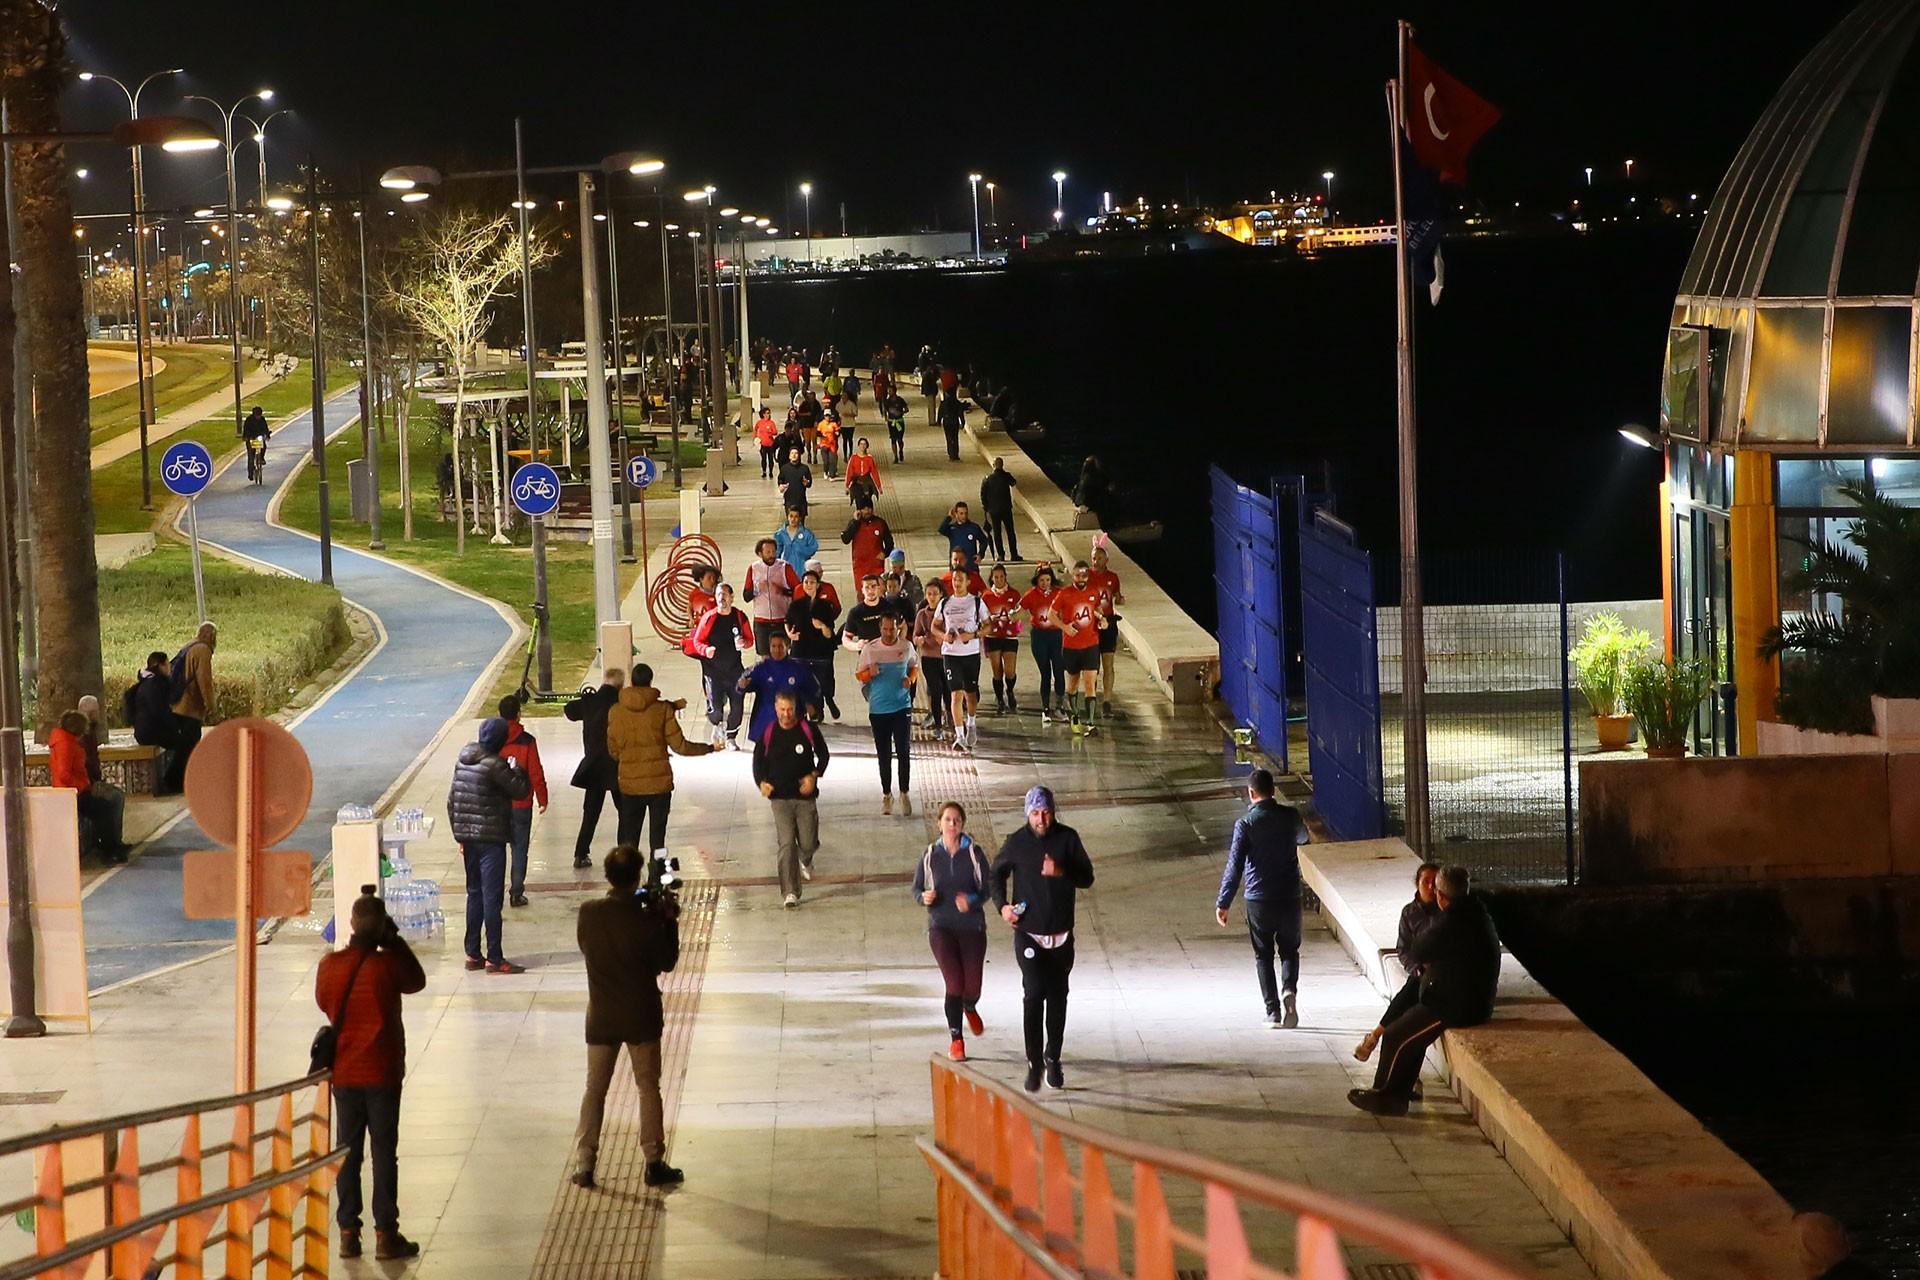 İzmirliler en uzun gecede koştu